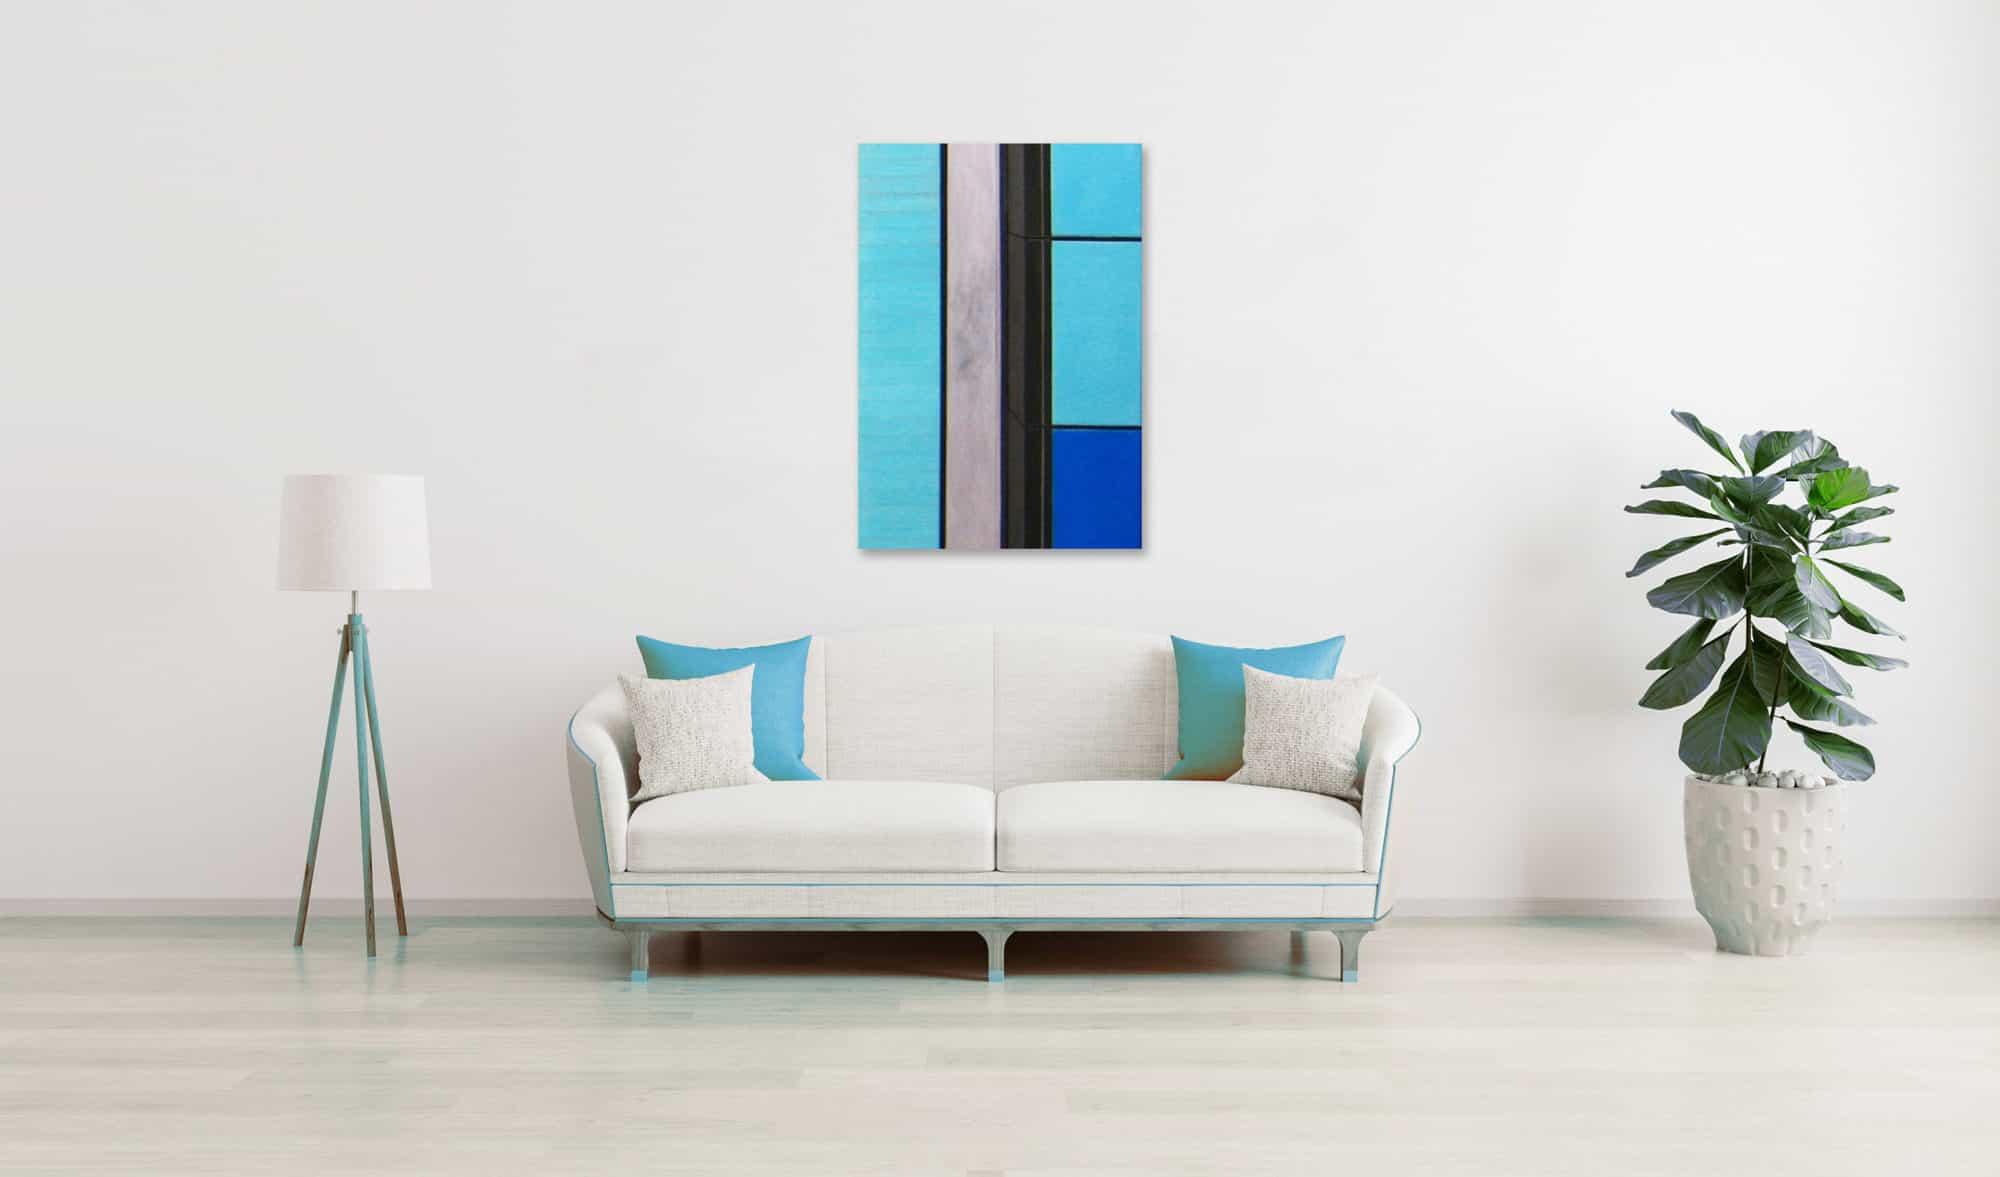 Ölgemälde auf Leinwand blau braune Flächen wandbild